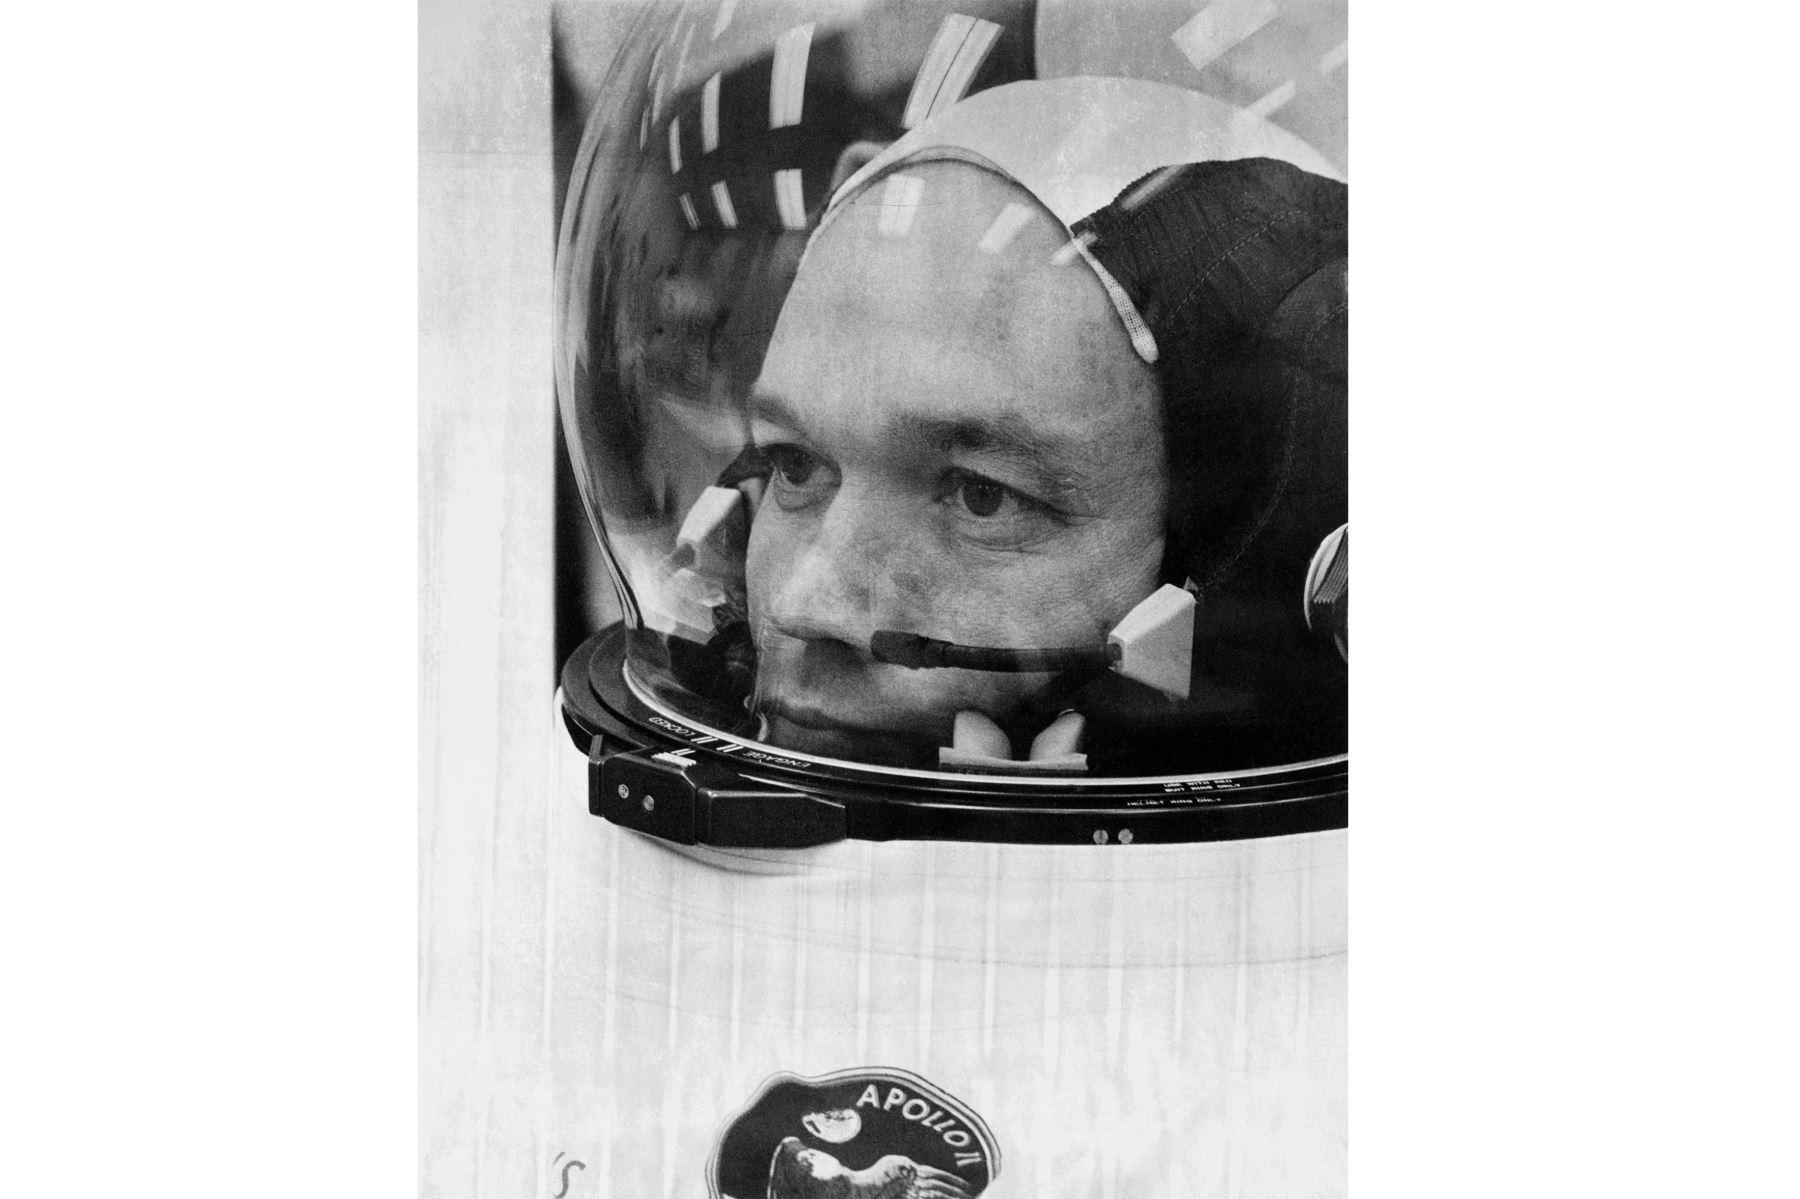 El astronauta Michael Collins se prepara para embarcar en el Apolo 11 para el comienzo de una misión a la luna el 16 de julio de 1969. Foto: AFP